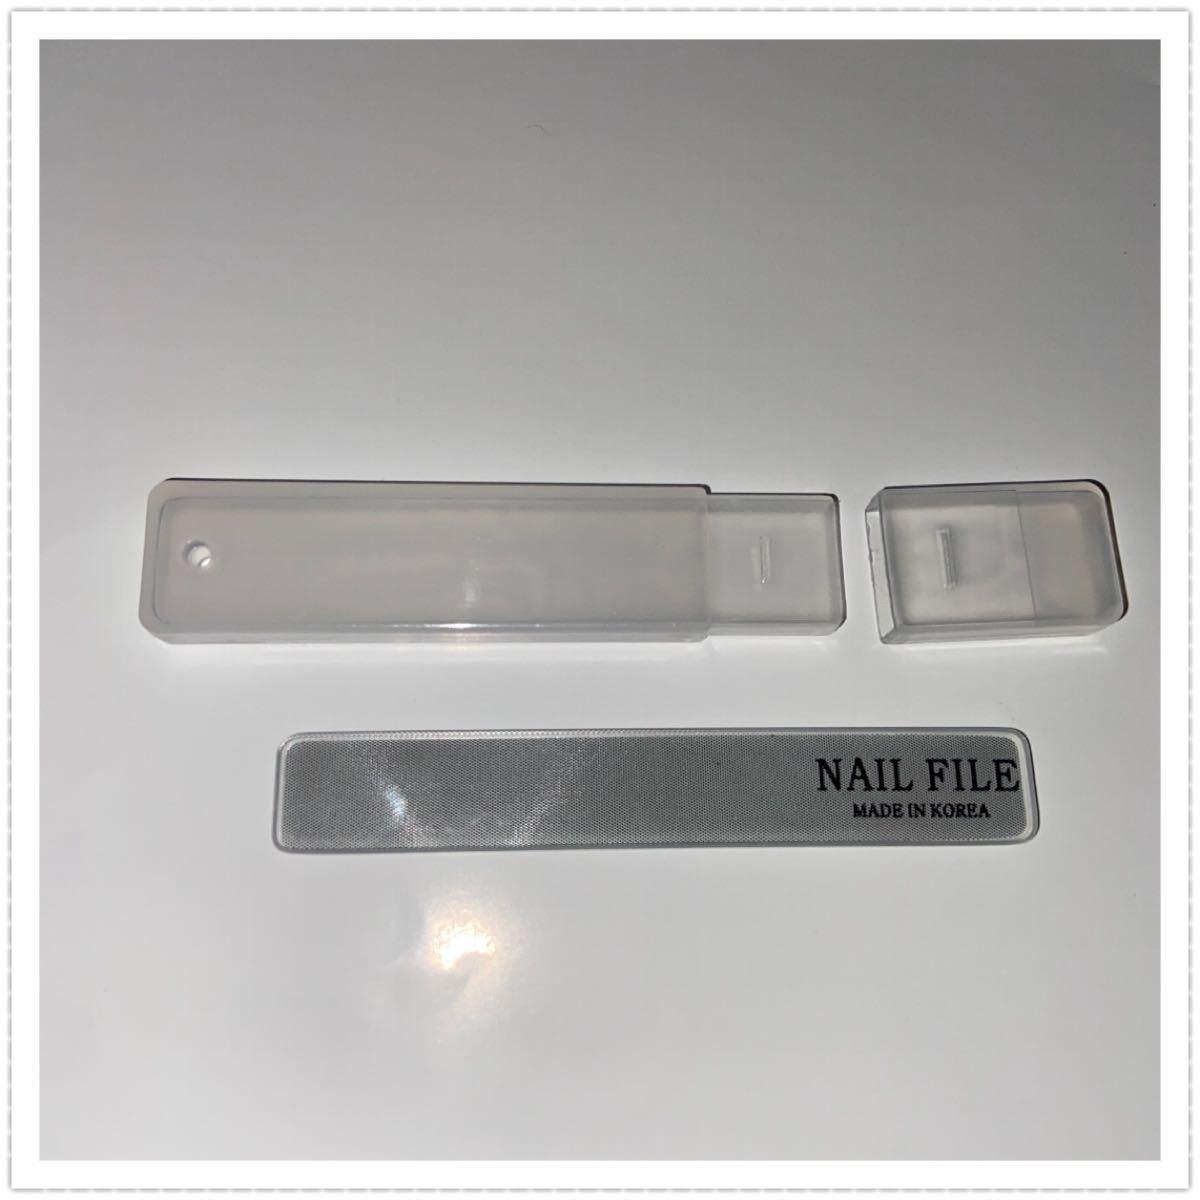 ガラス製 爪磨き 1個 / ネイルケア ネイルシャイナー 爪やすり 韓国